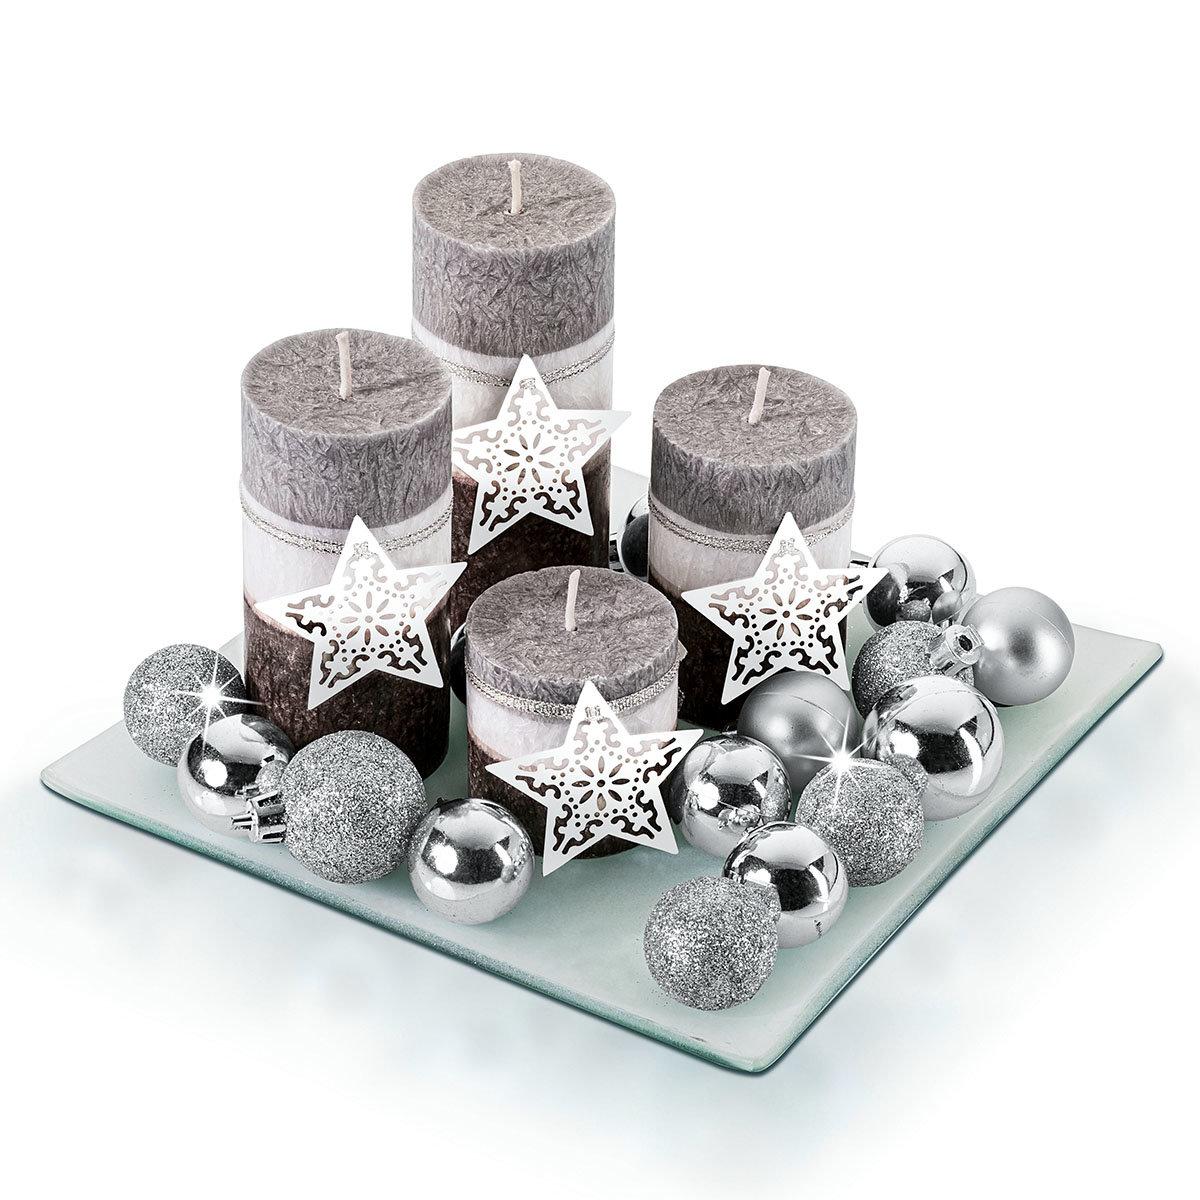 Kerzenset Silberglanz mit 4 Kerzen und Teller, 20x20 cm | #2